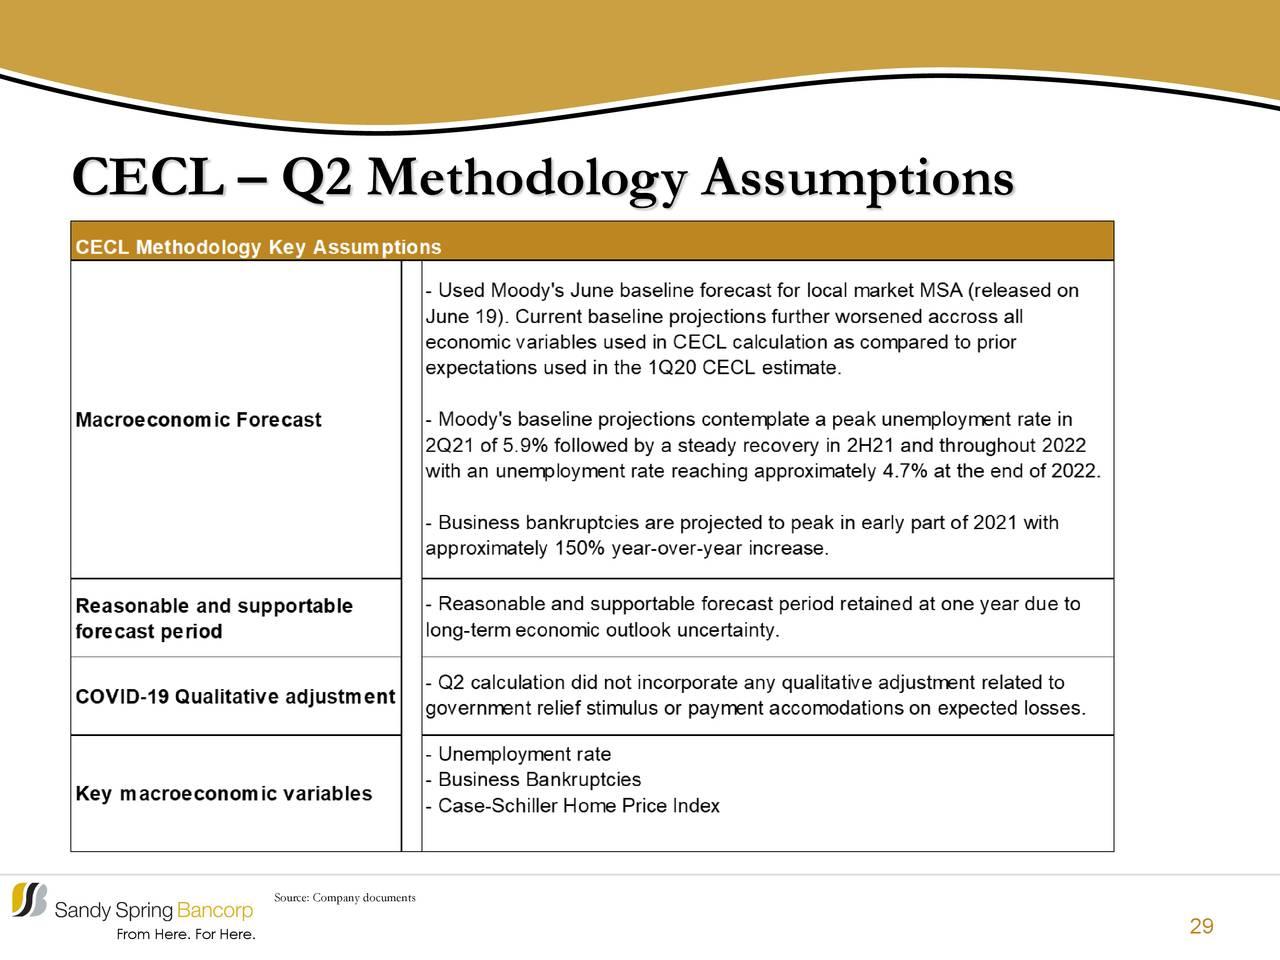 CECL - Supuestos de la metodología del segundo trimestre